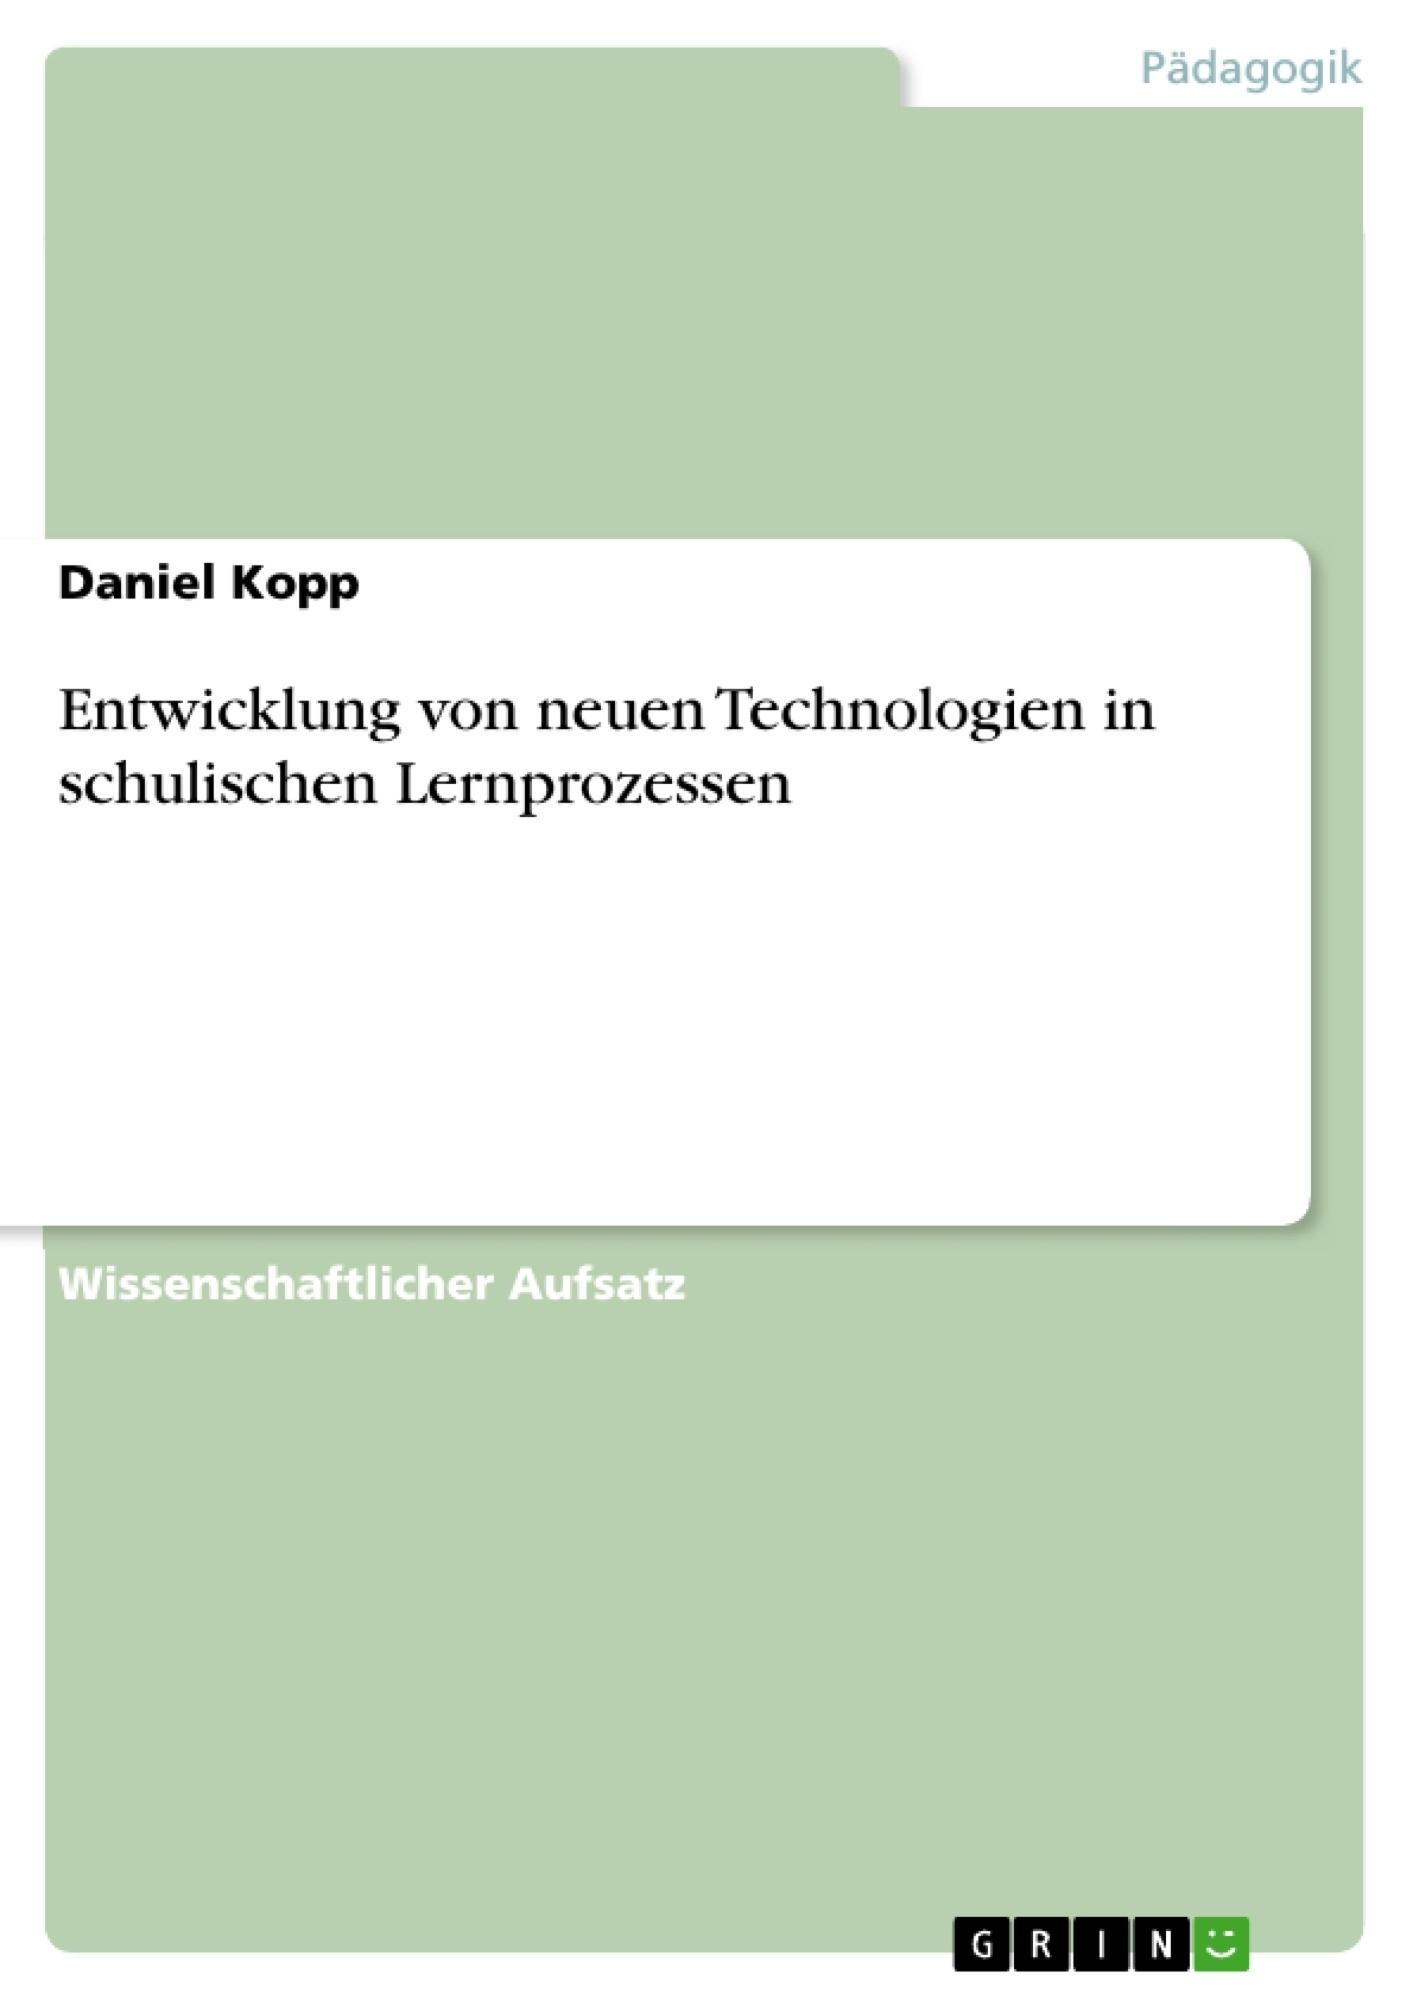 Titel: Entwicklung von neuen Technologien in schulischen Lernprozessen